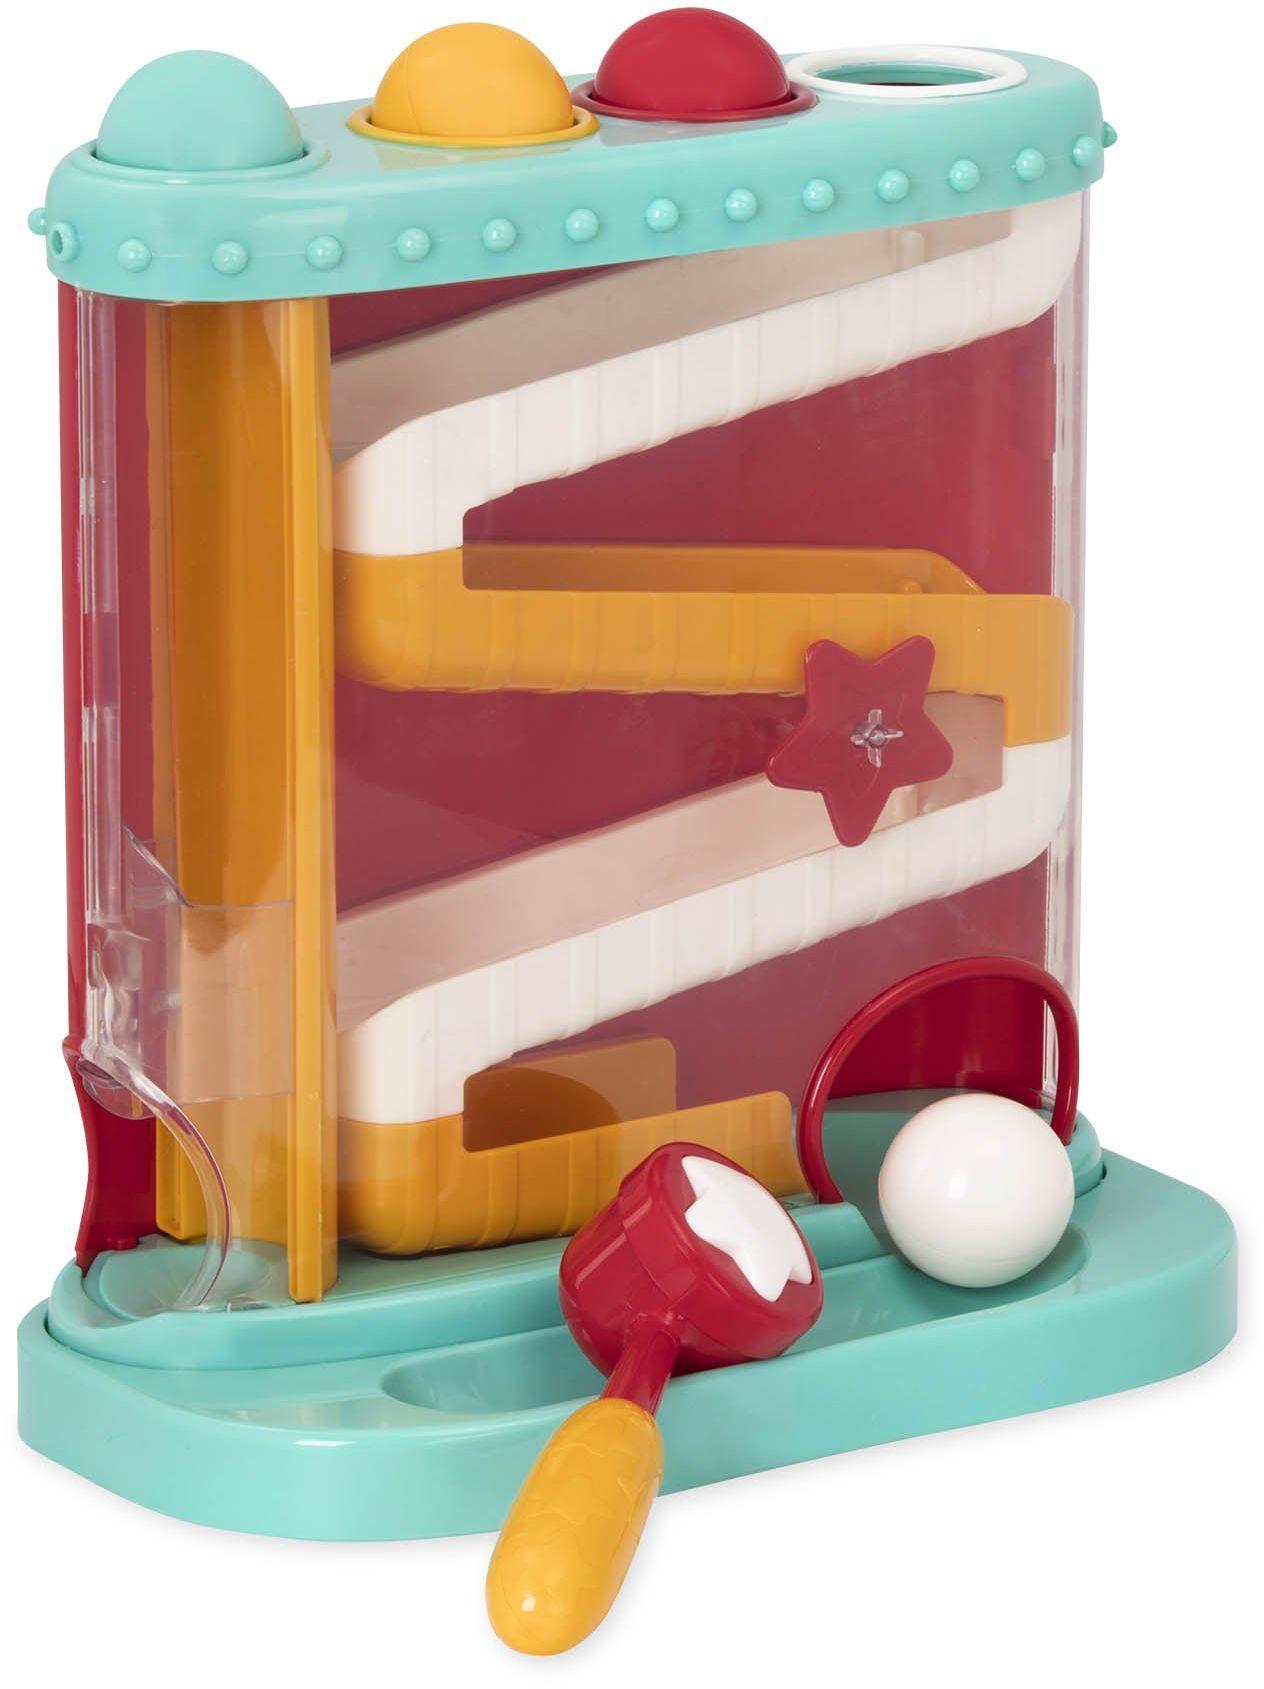 Battat  Funt & Roll  stacja do zabawy dla niemowląt z 1 młotkiem zabawkowym i 4 kulkami dla dzieci 12 miesięcy + (7 szt.)